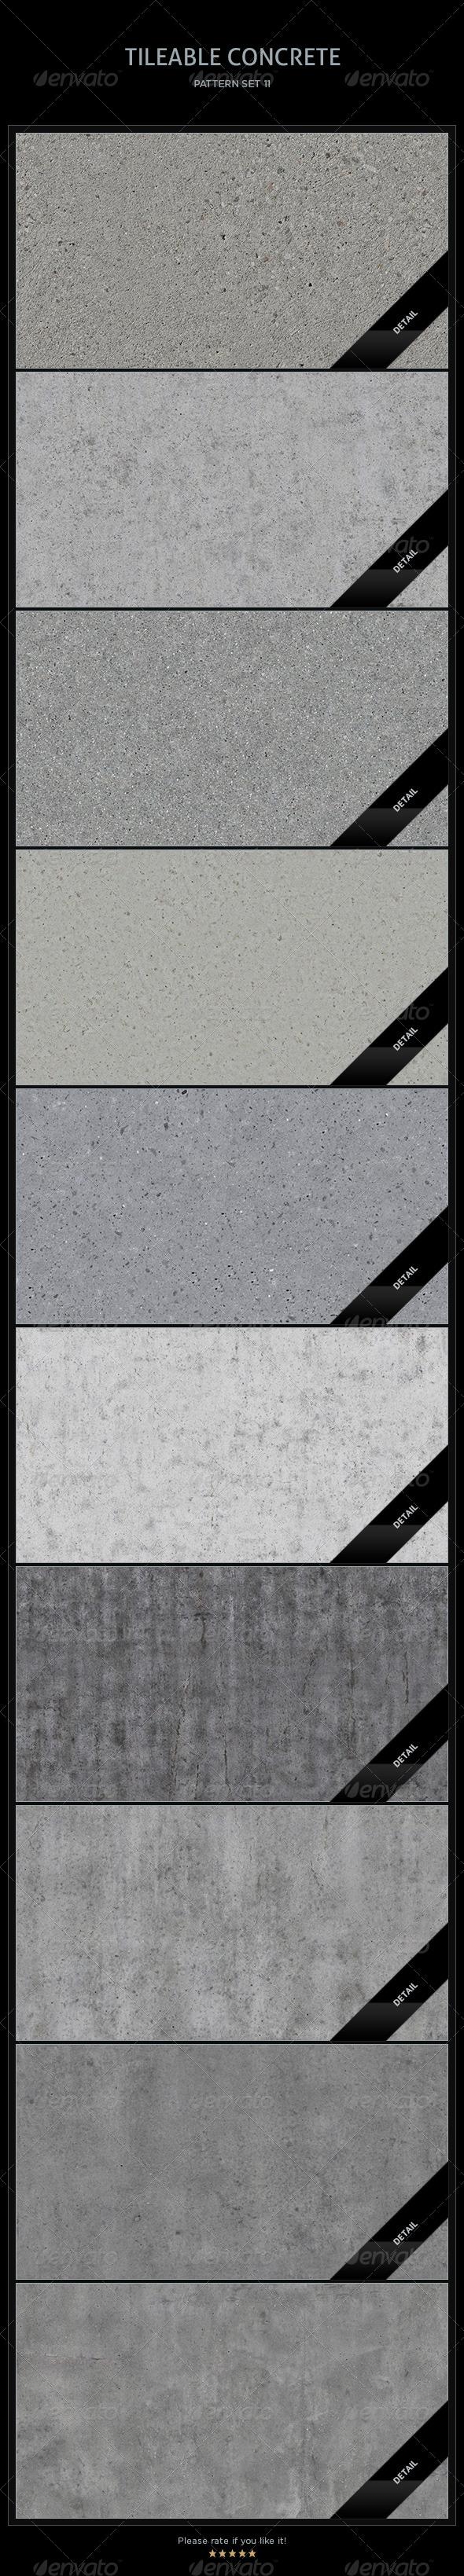 10 Tileable Concrete Textures/Patterns - Miscellaneous Textures / Fills / Patterns